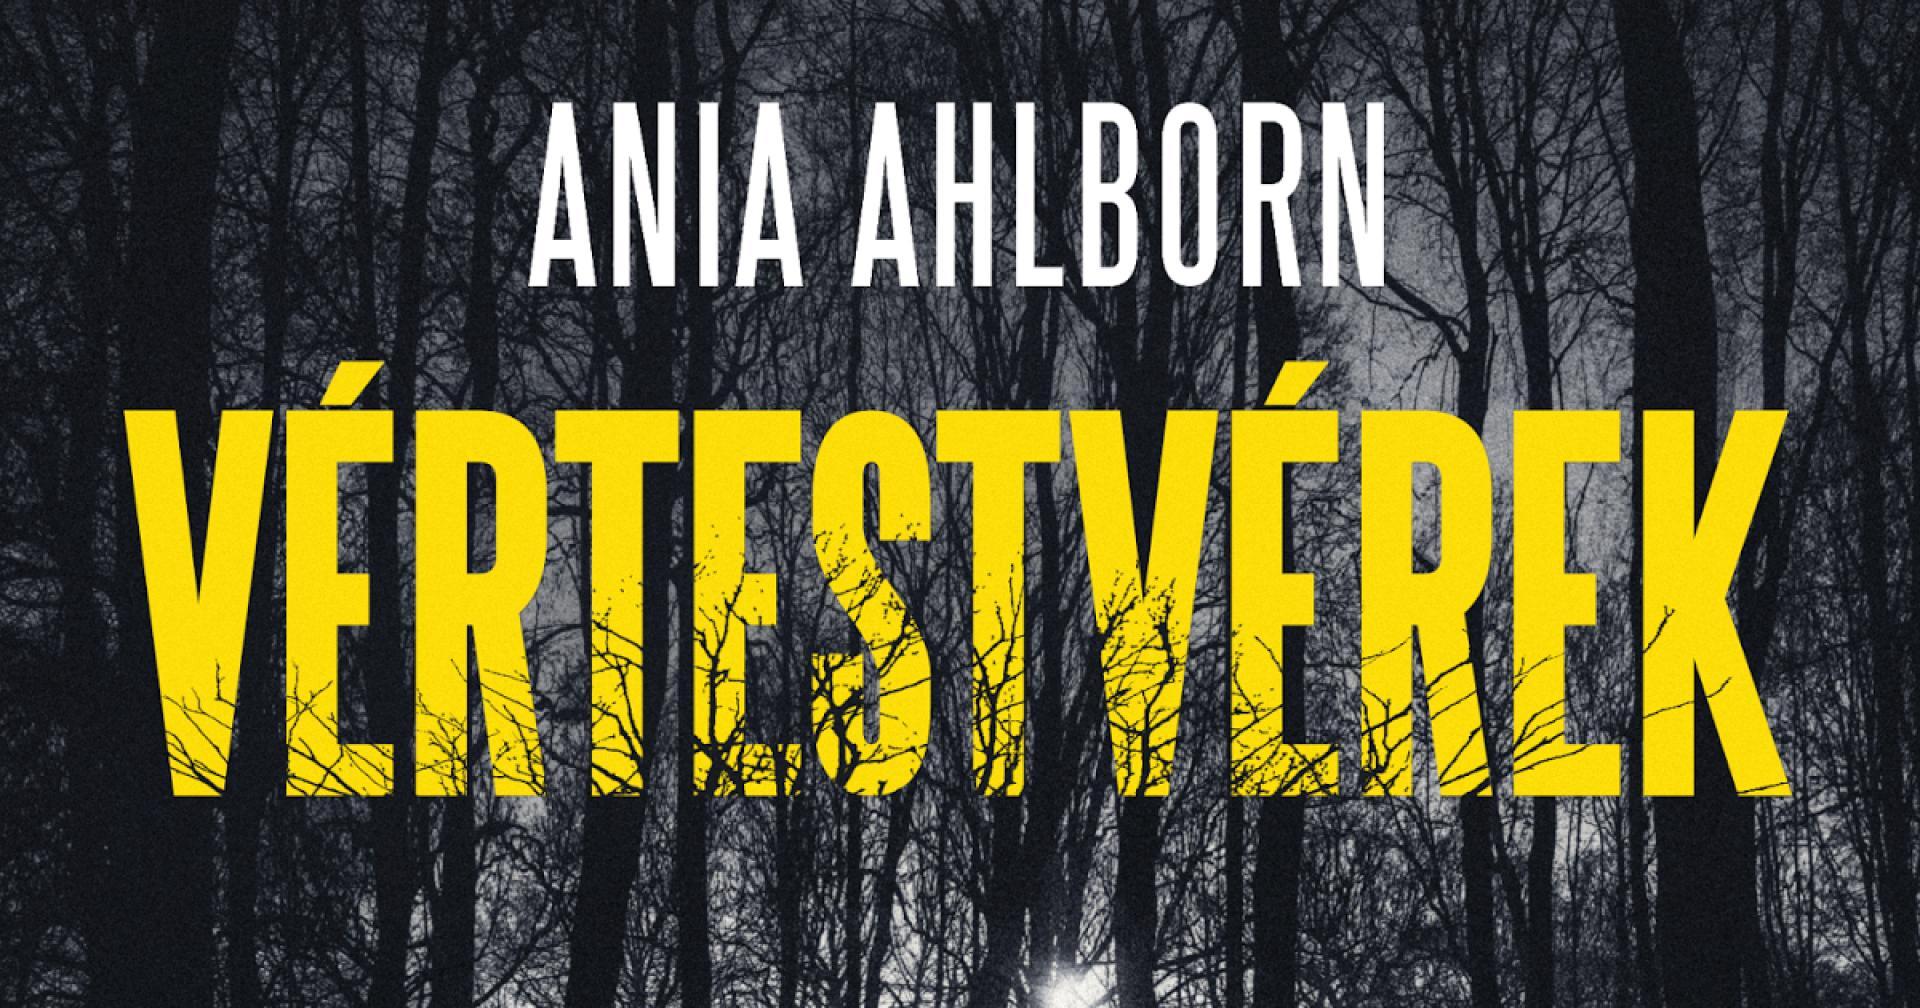 Ania Ahlborn: Vértestvérek / Brother (2015)